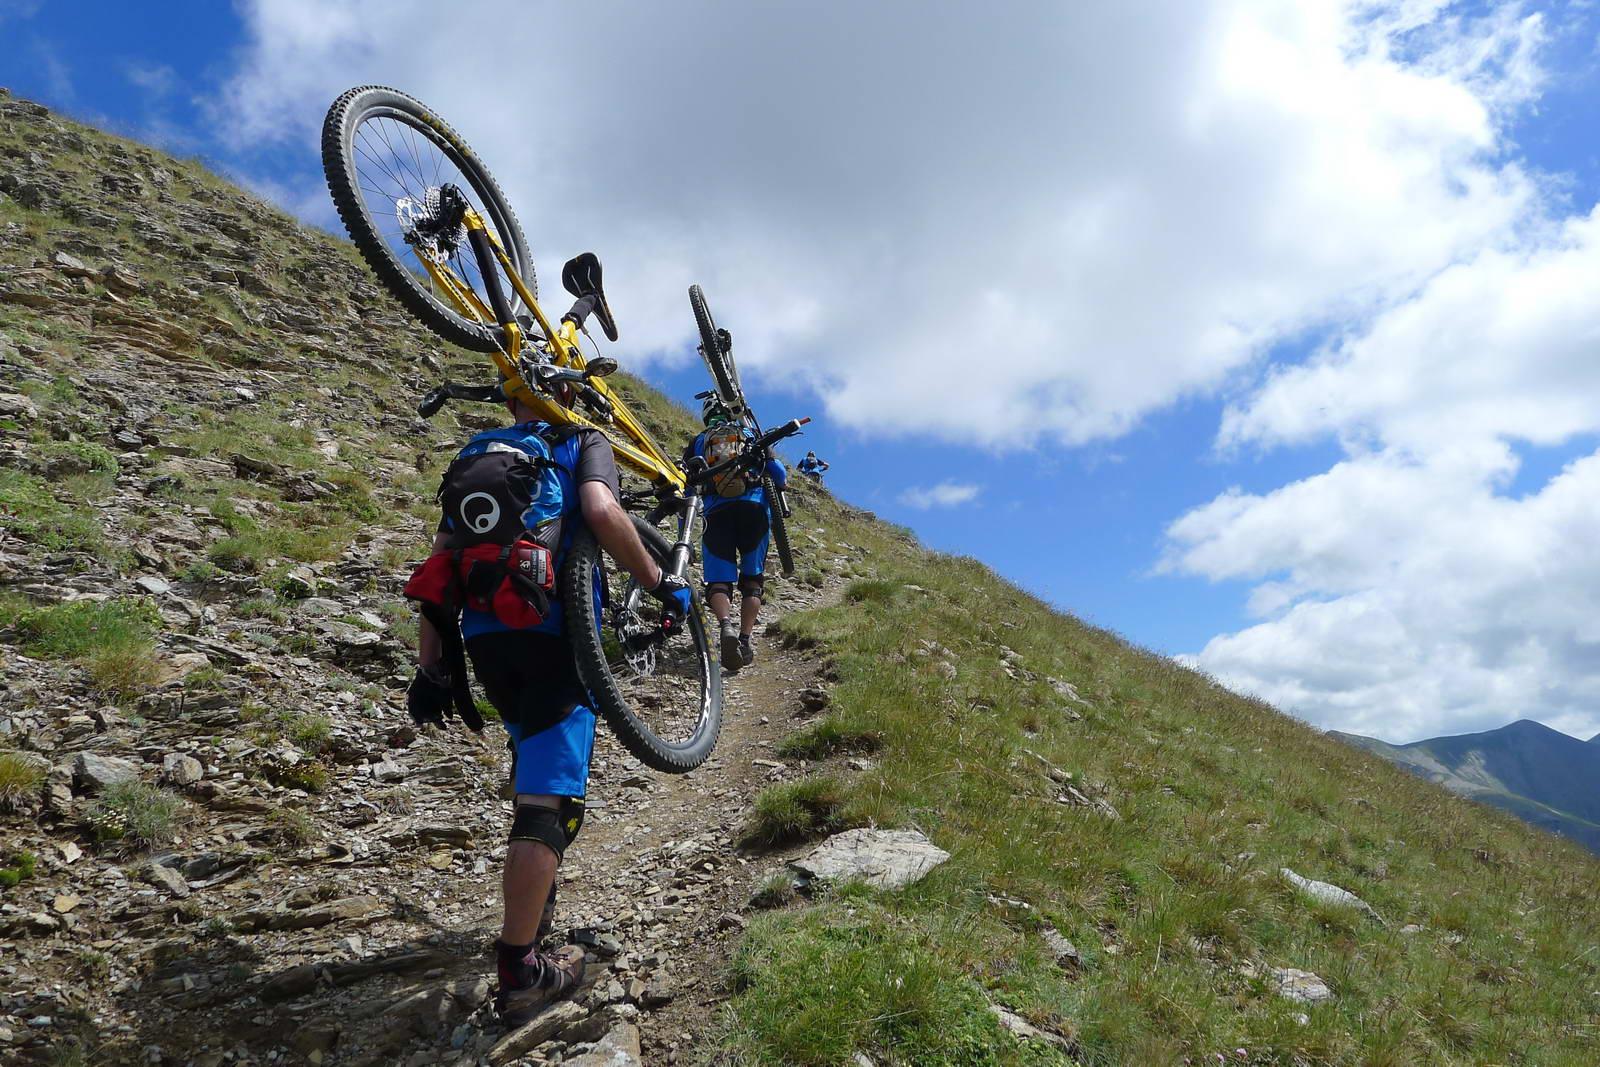 ruta-bici-familia-tracks-angels-sencilla-facil-ruta-iniciacio-btt-cerdanya-pirineu-gps-track